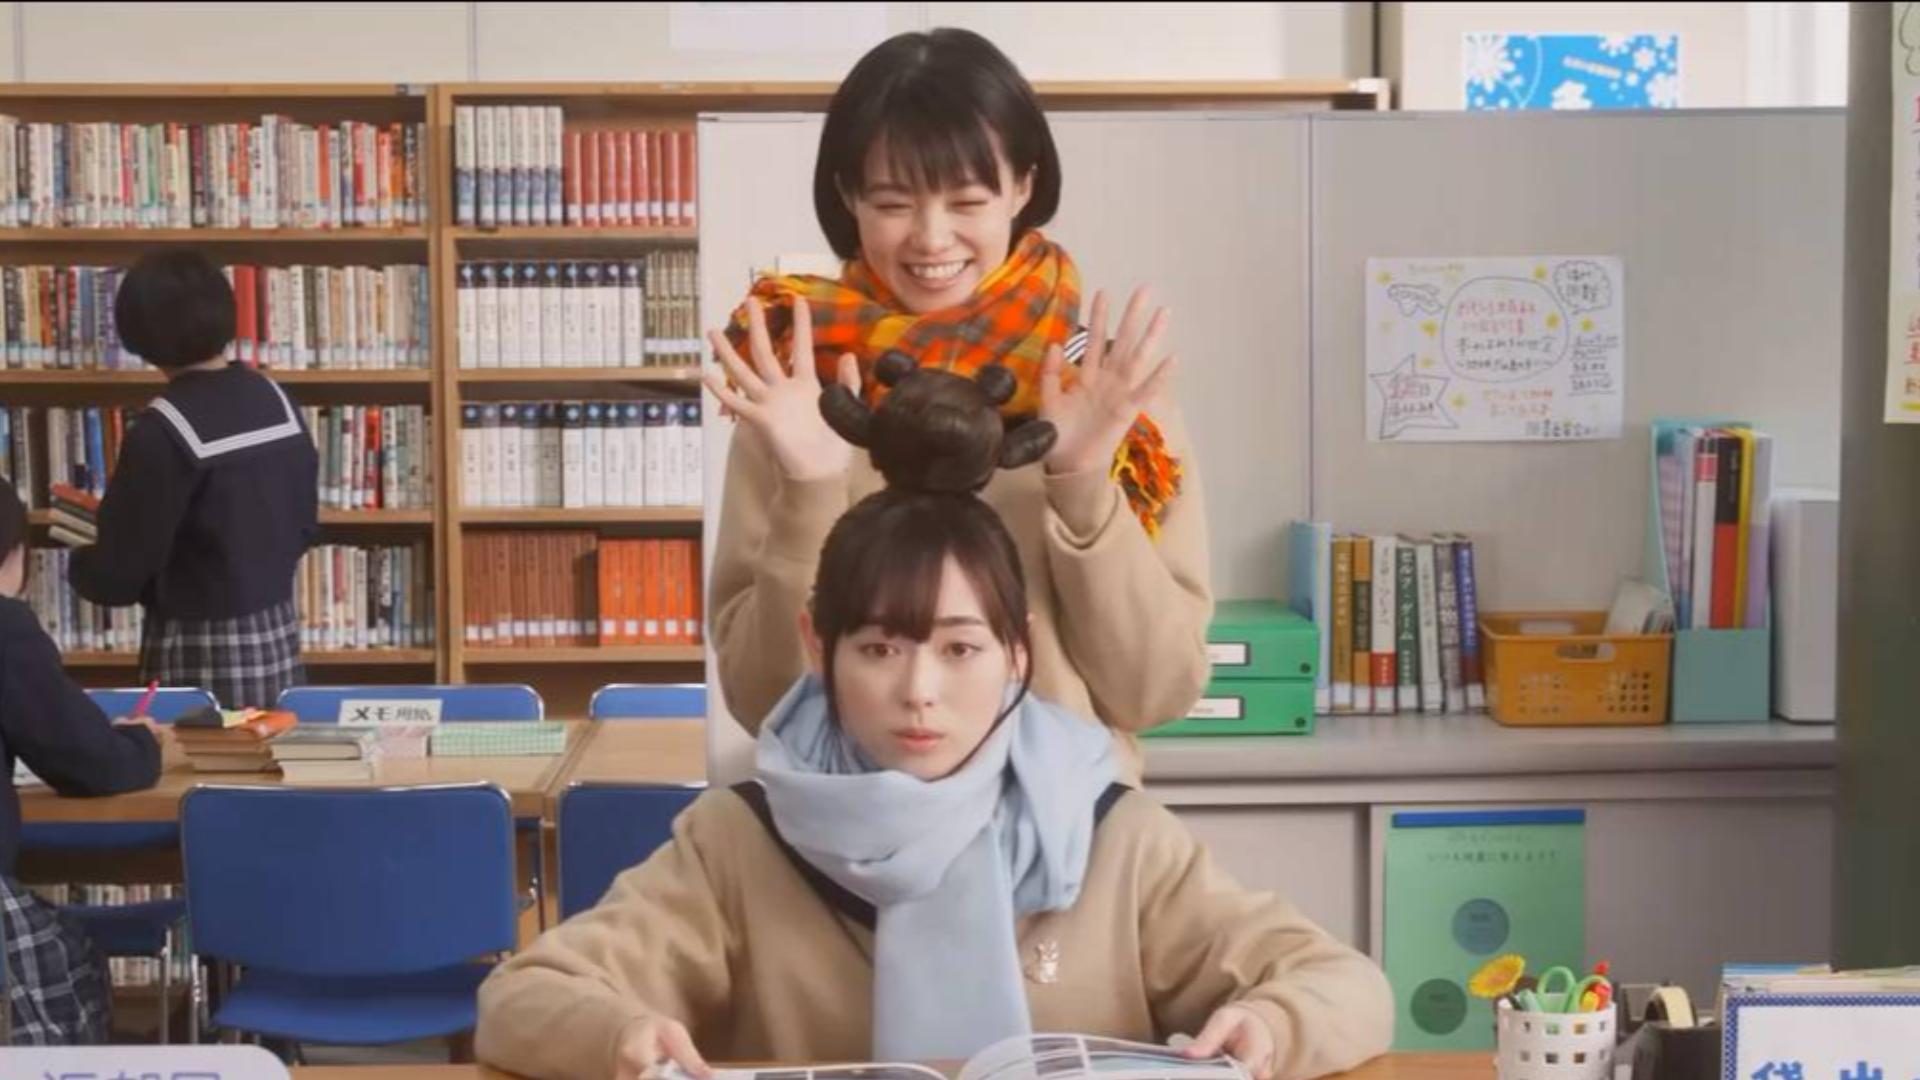 【日剧】摇曳露营△ 第2集